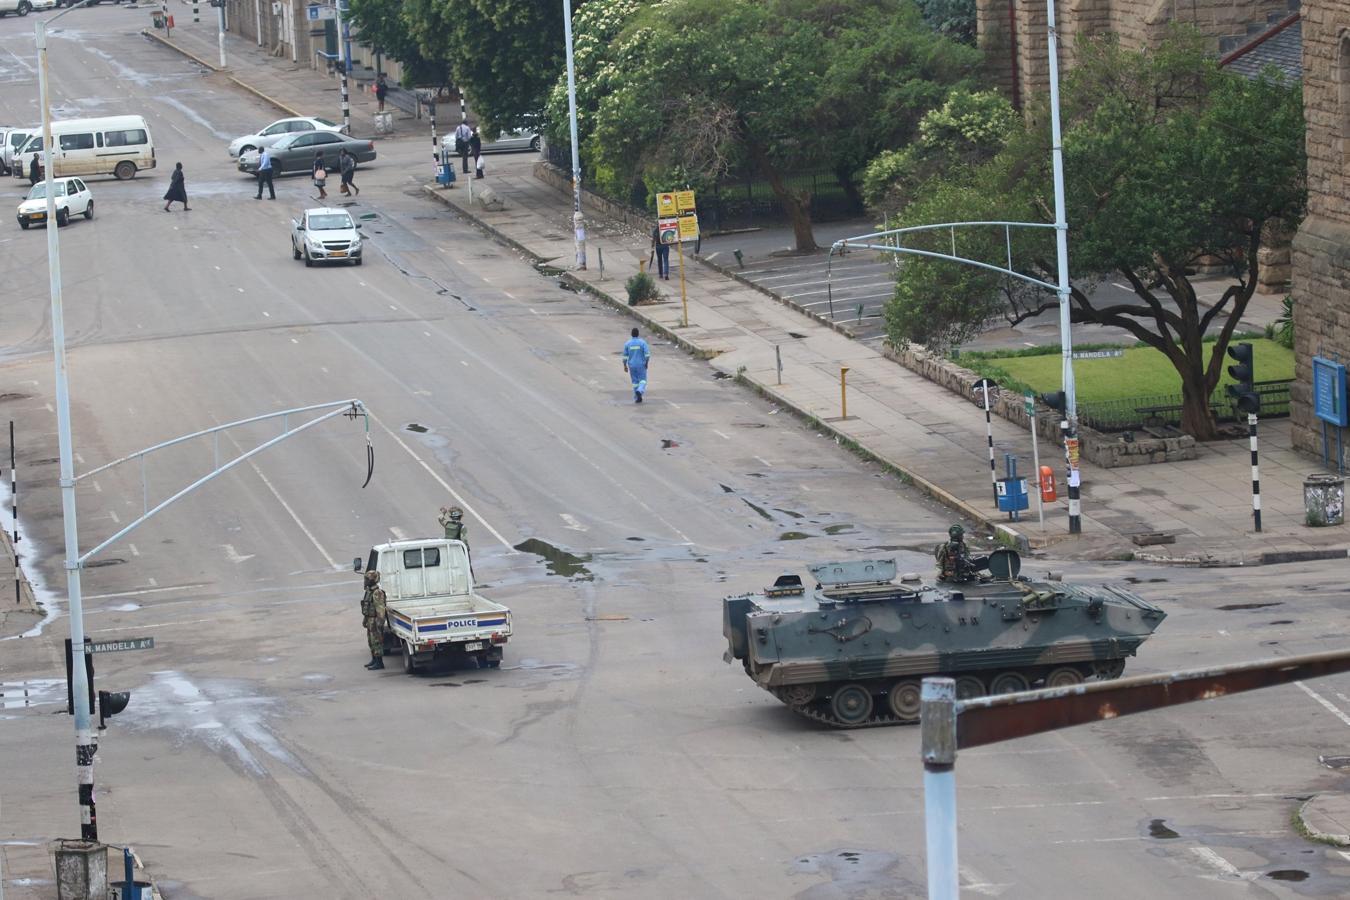 La tensión en Zimbabue empezó a aumentar en la tarde de ayer, después de que varios tanques fueran vistos en dirección